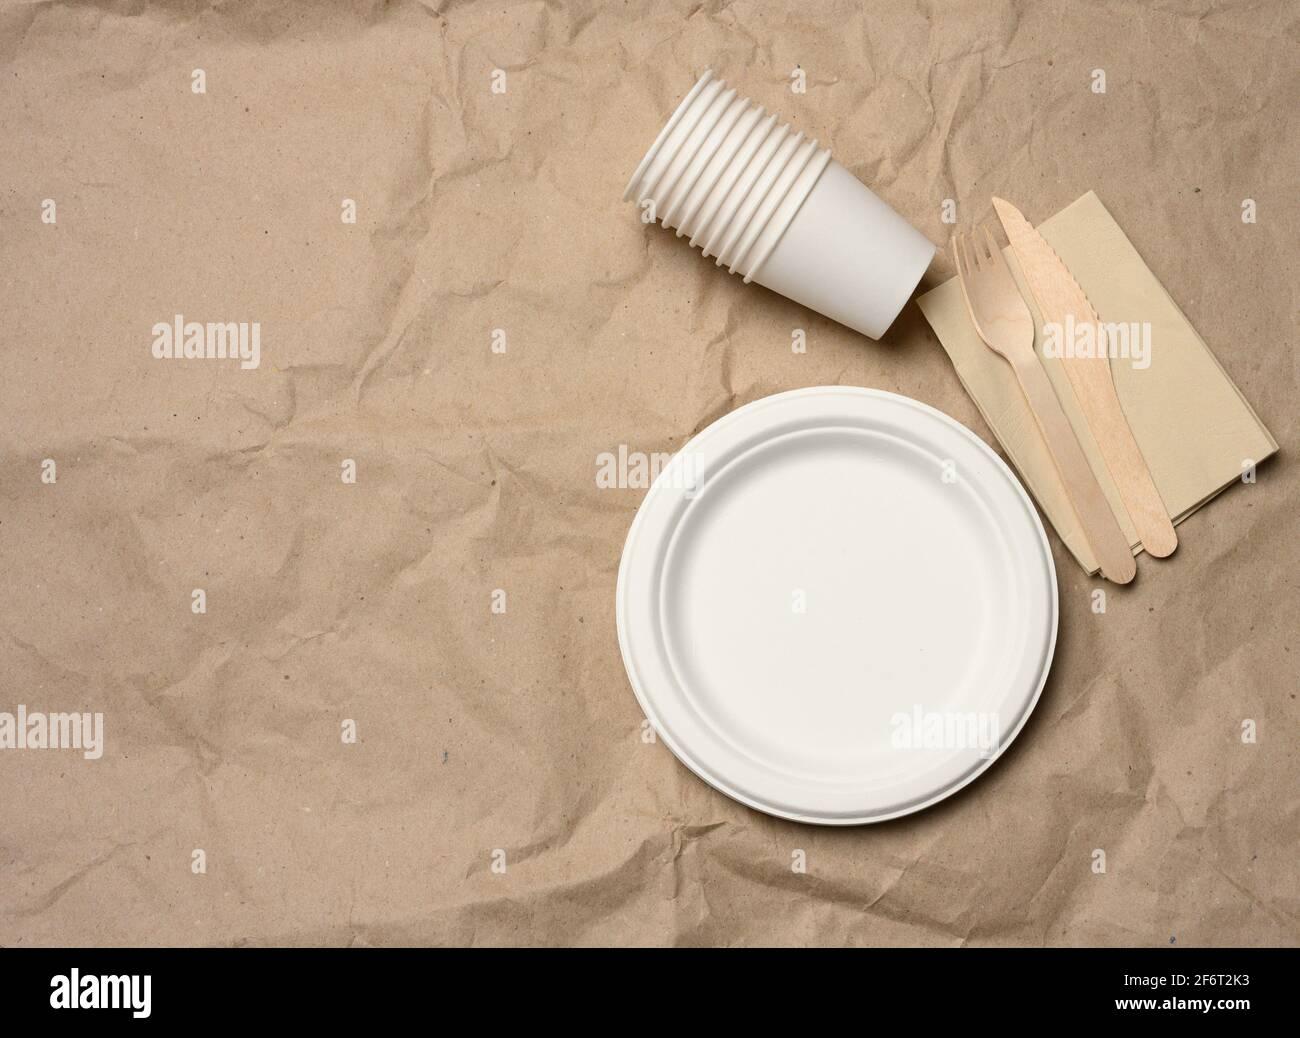 assiettes et tasses en papier blanc rondes jetables sur fond de papier marron, vue de dessus, zéro déchet. Banque D'Images